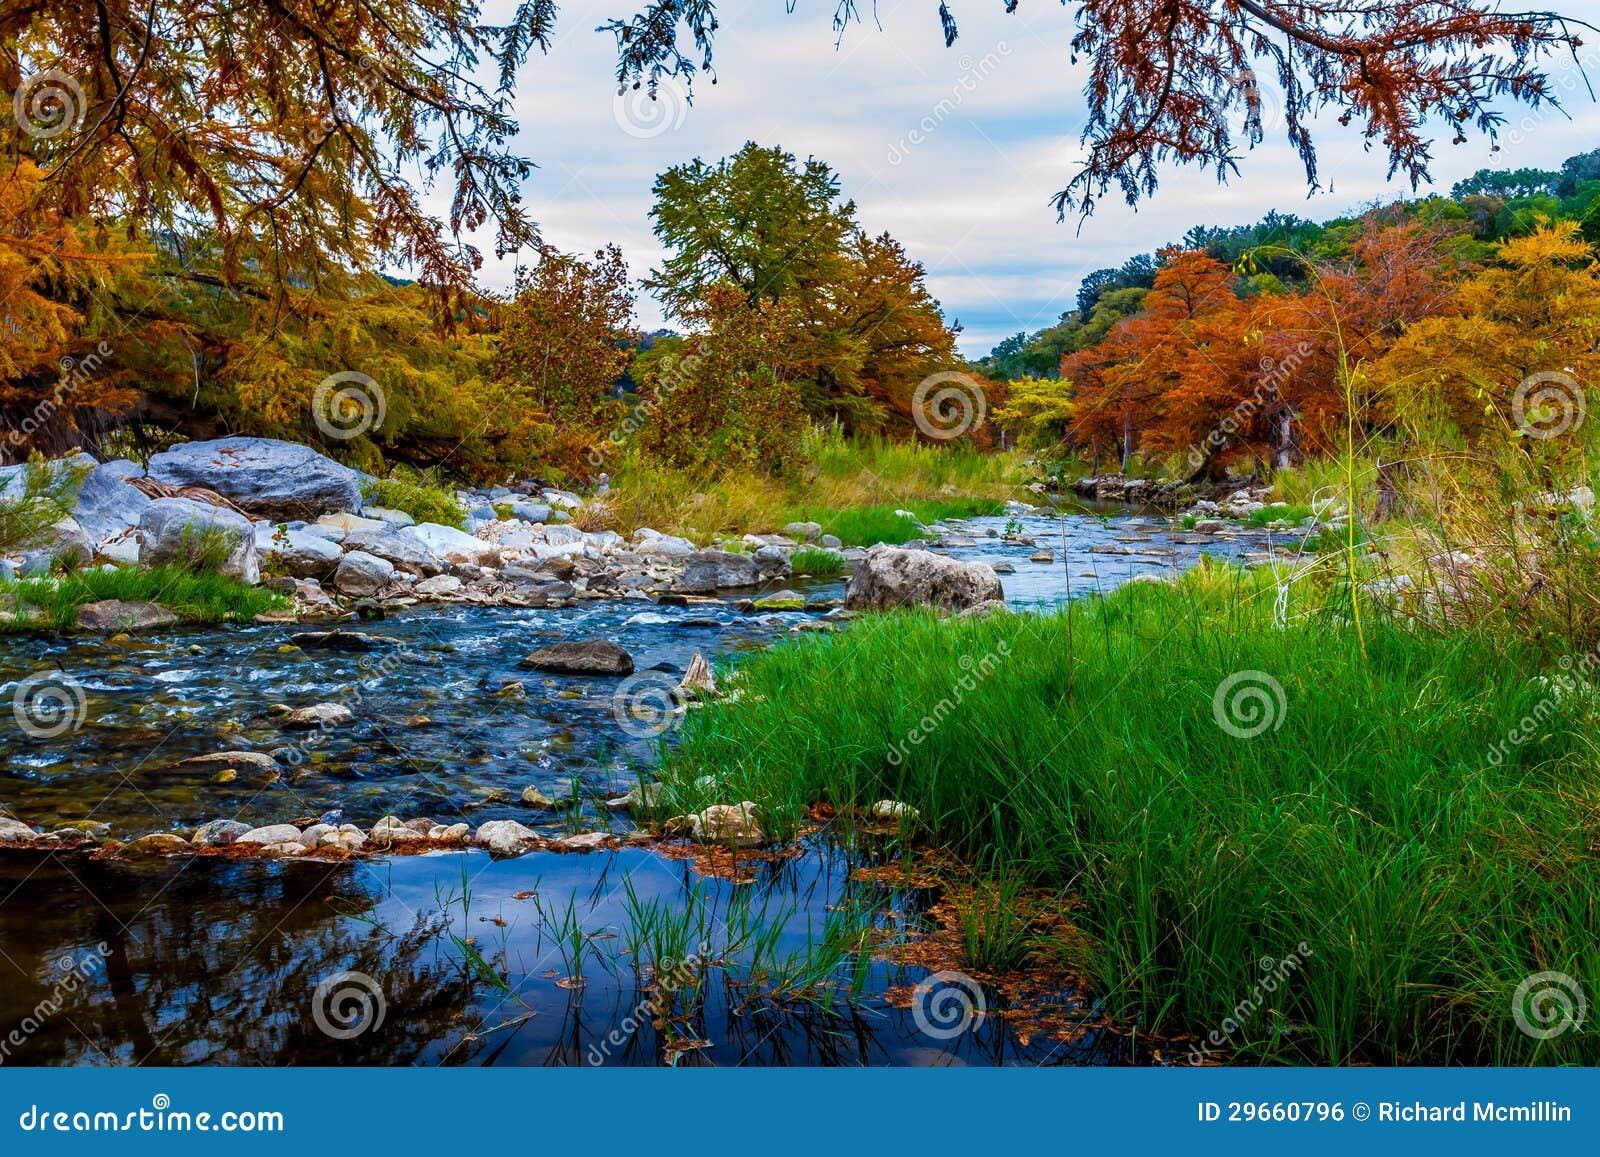 明亮的秋天上色围拢一条美丽的小山国家河。